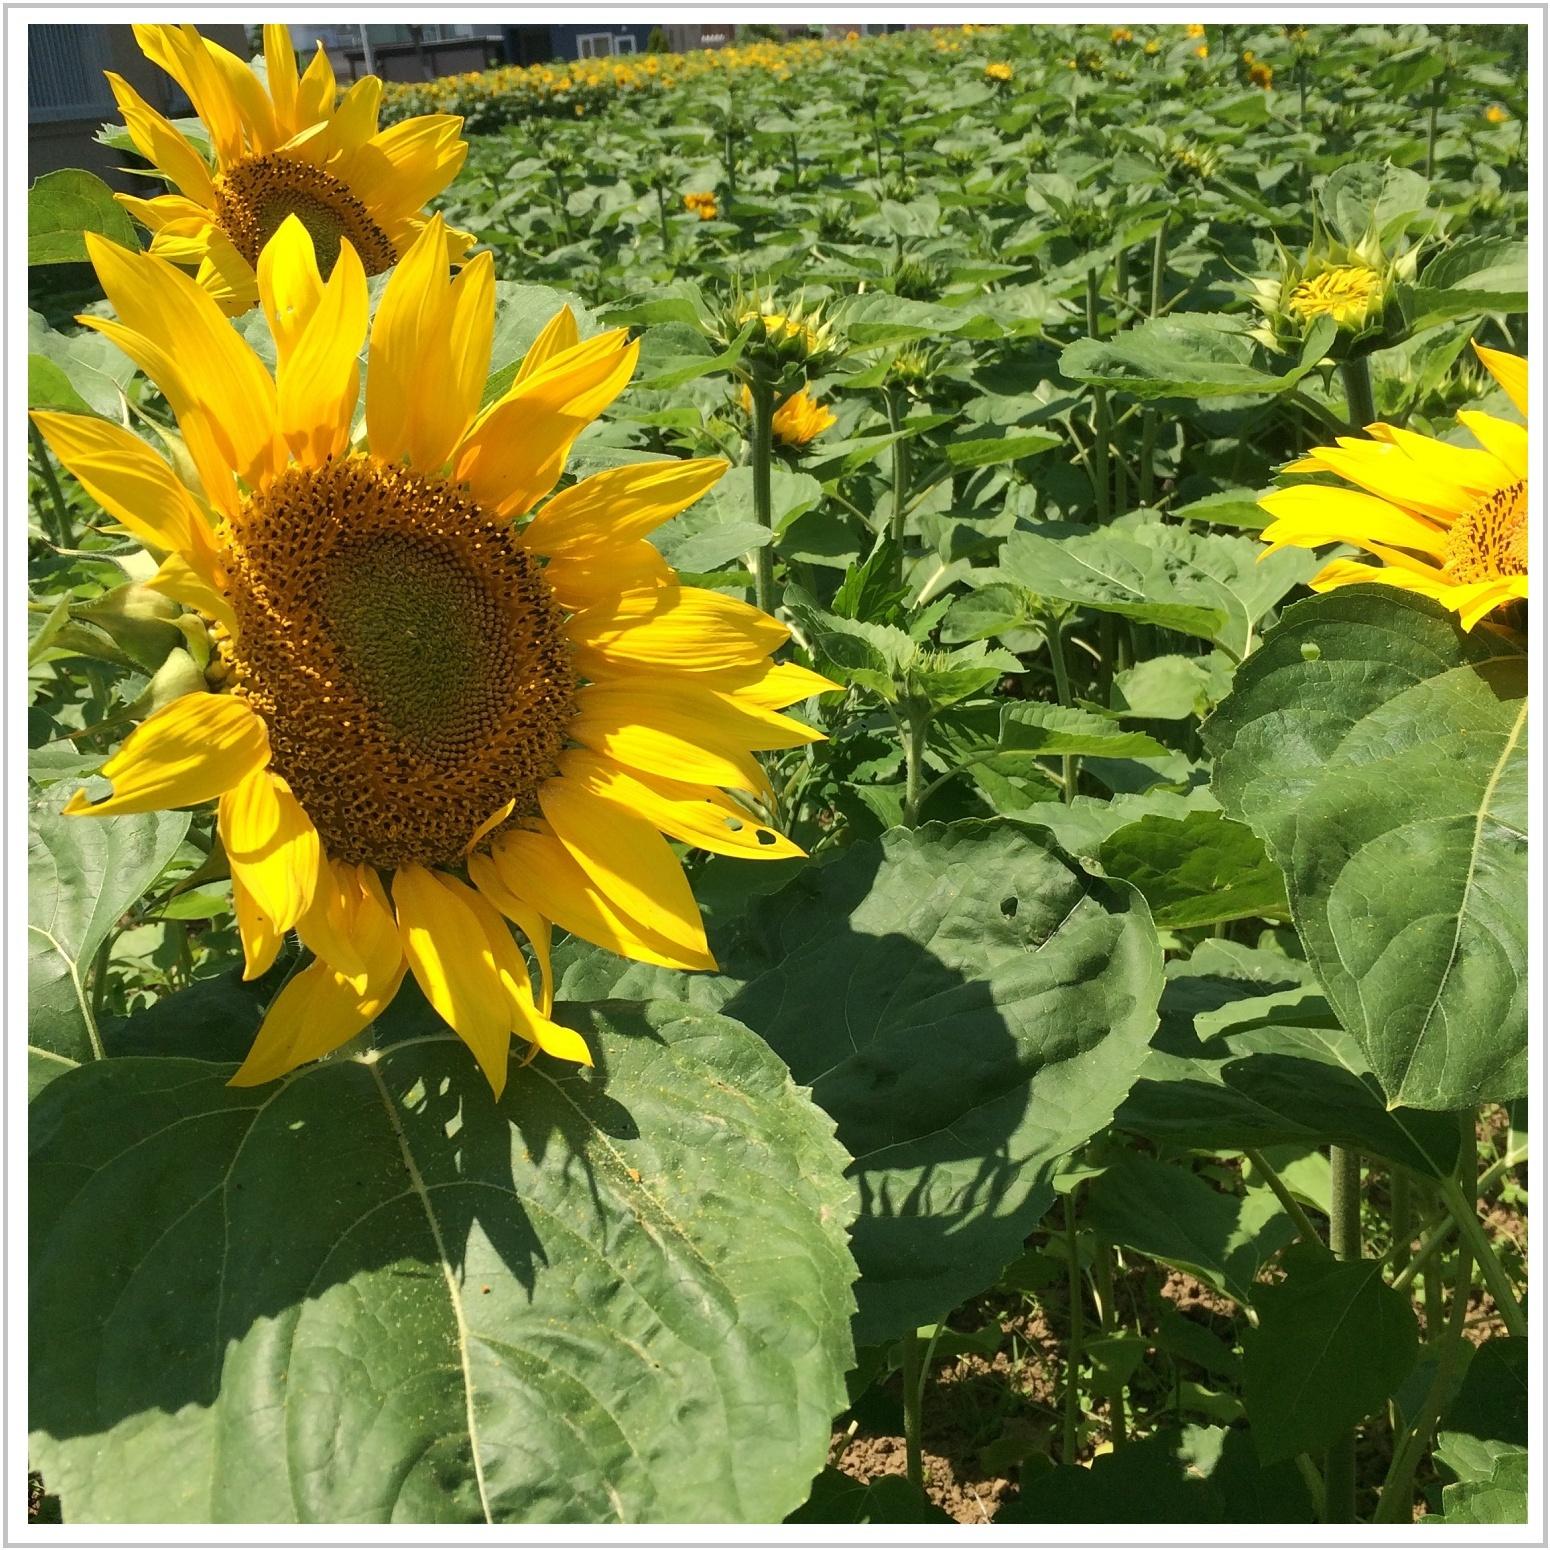 sunflower_14_708.jpg